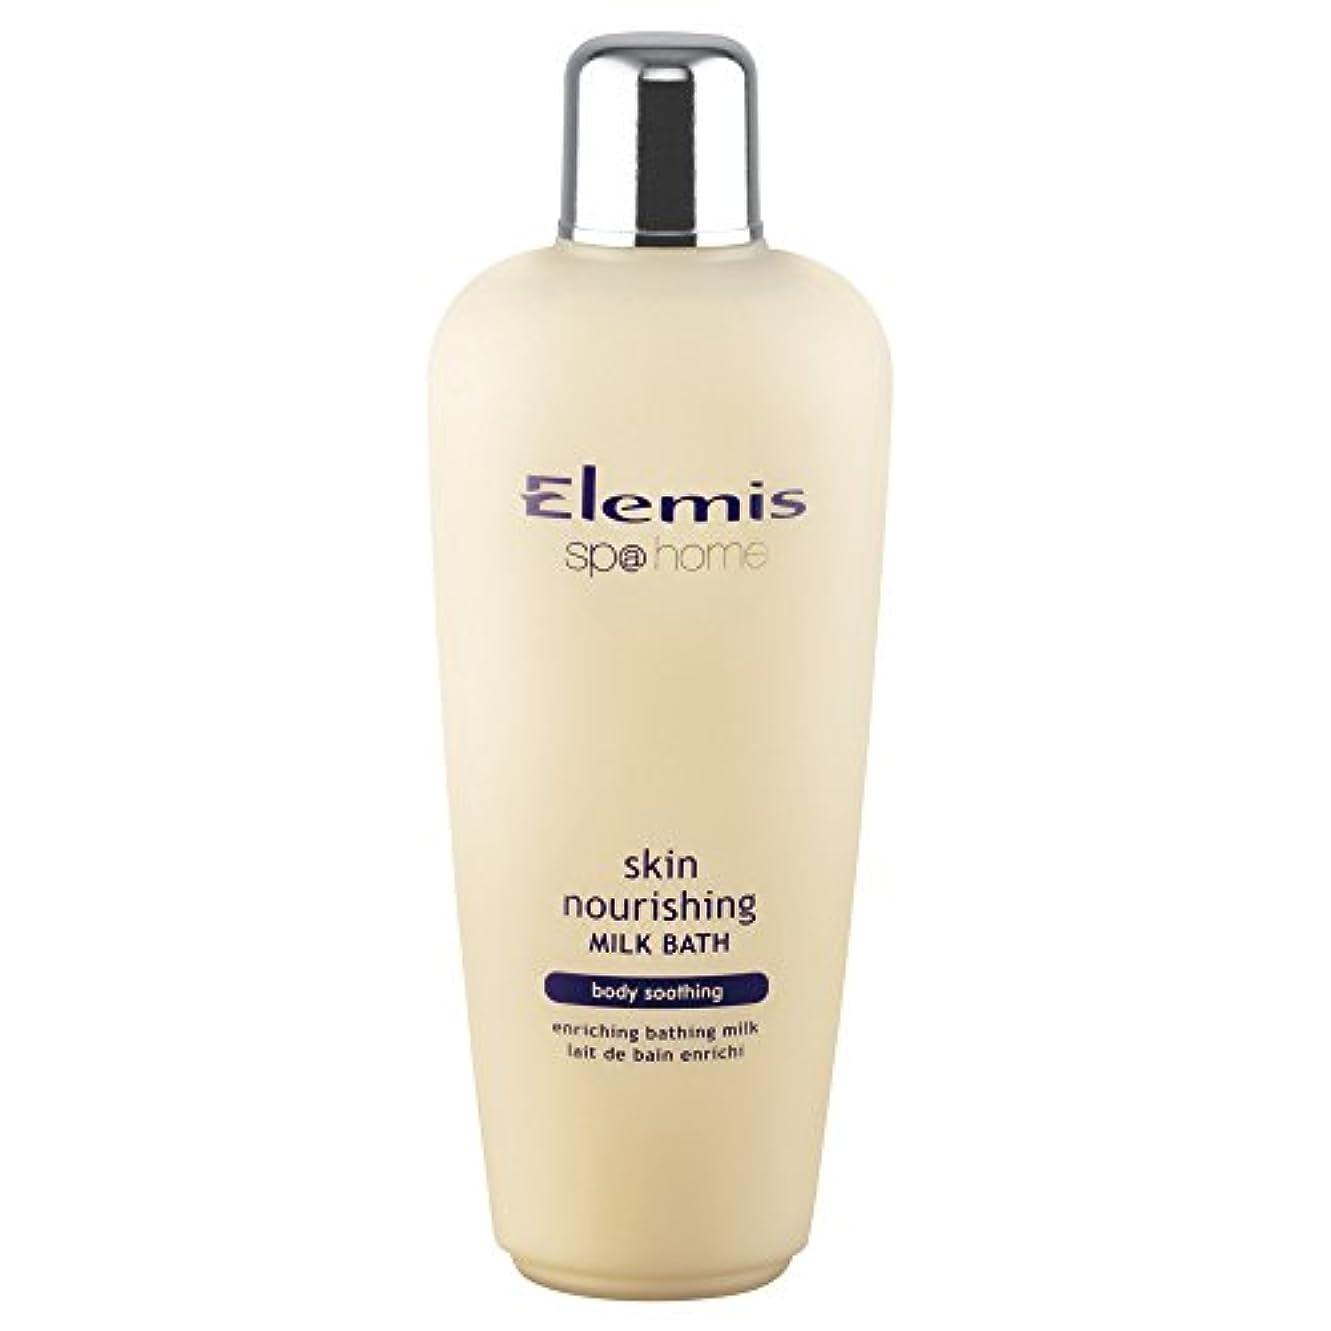 土ライトニング麻酔薬エレミススキン栄養ミルクバスの400ミリリットル (Elemis) (x6) - Elemis Skin Nourishing Milk Bath 400ml (Pack of 6) [並行輸入品]